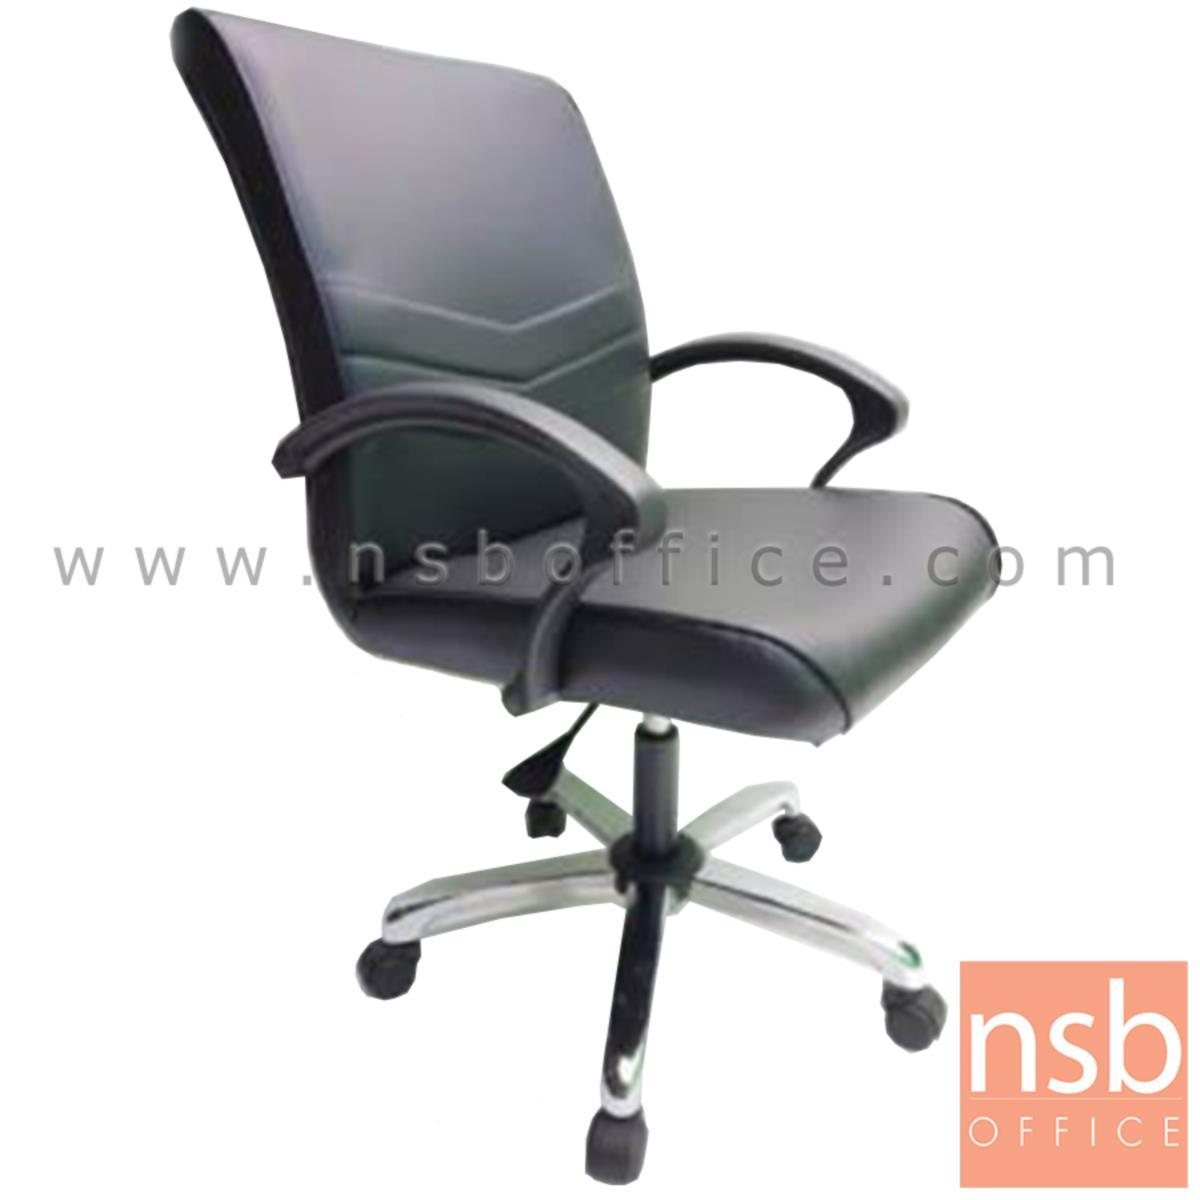 B26A094:เก้าอี้สำนักงาน รุ่น KS-980  โช๊คแก๊ส มีก้อนโยก ขาเหล็กชุบโครเมี่ยม